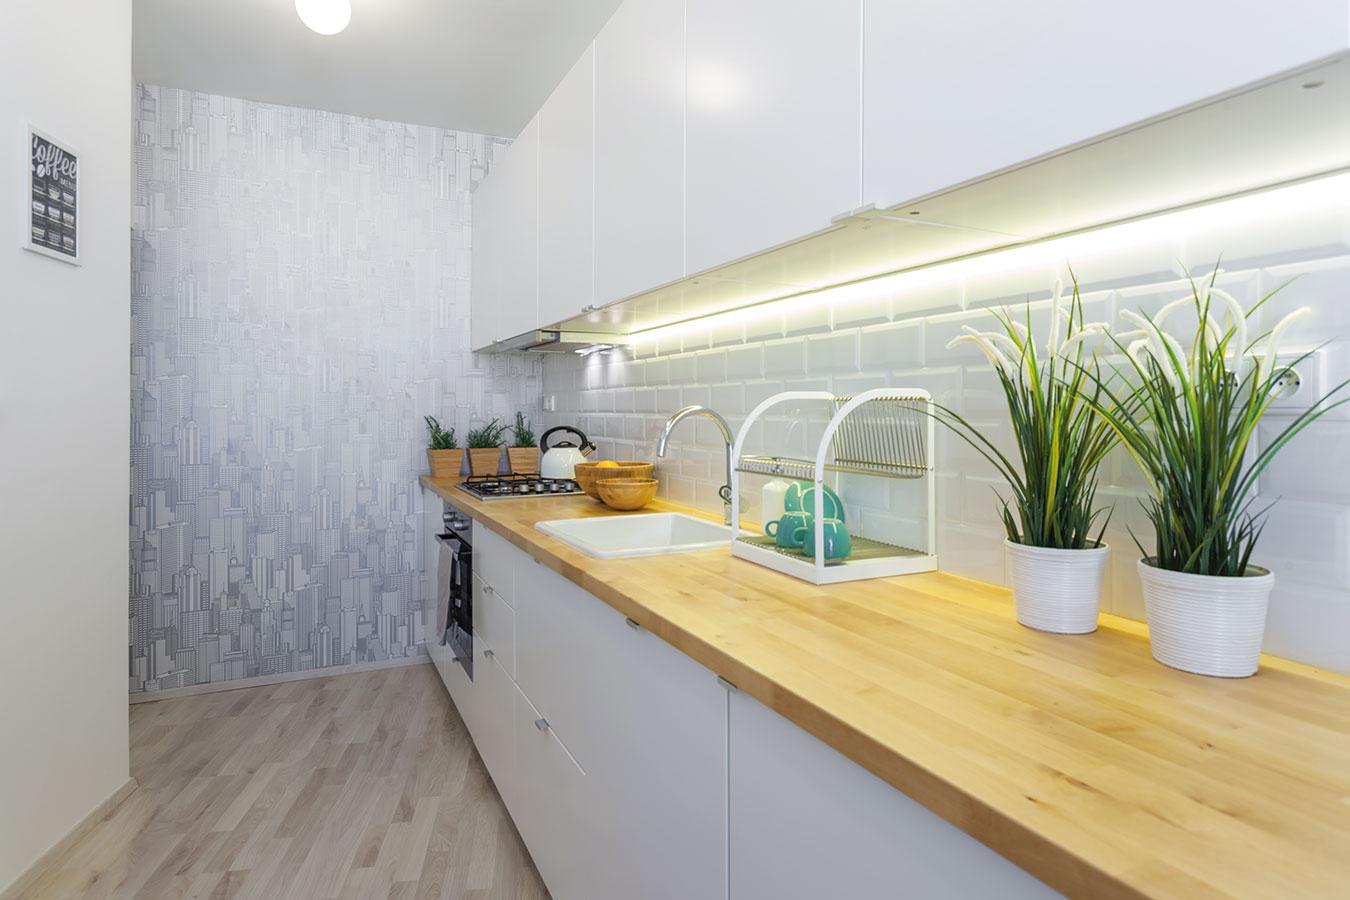 Tapeta decentne oživila jednoducho zariadenú kuchyňu. Na mieste niekdajších dverí vzniklo miesto na chladničku skrytú za rohom.